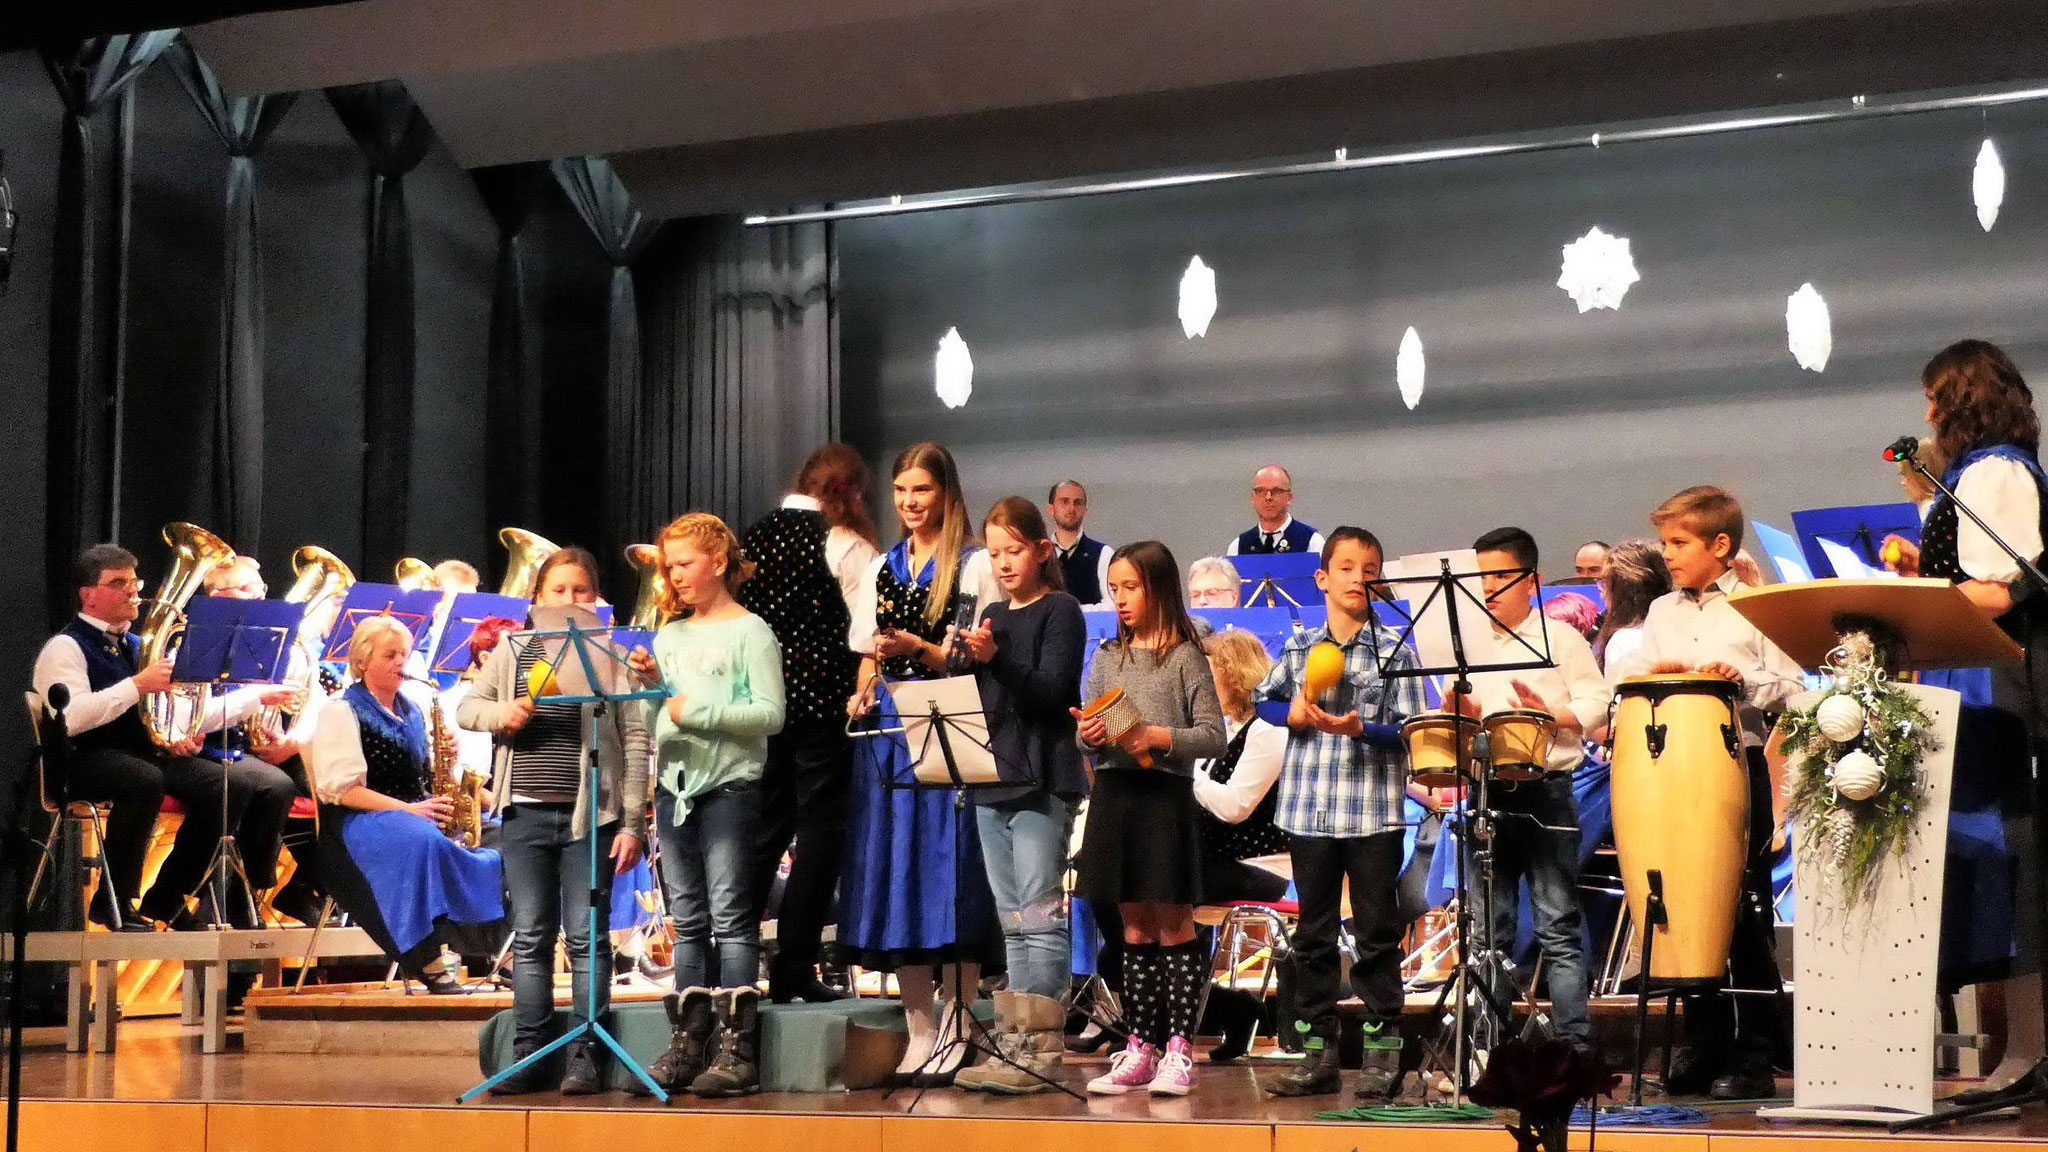 Unsere Jungmusiker bei ihrem ersten Auftritt